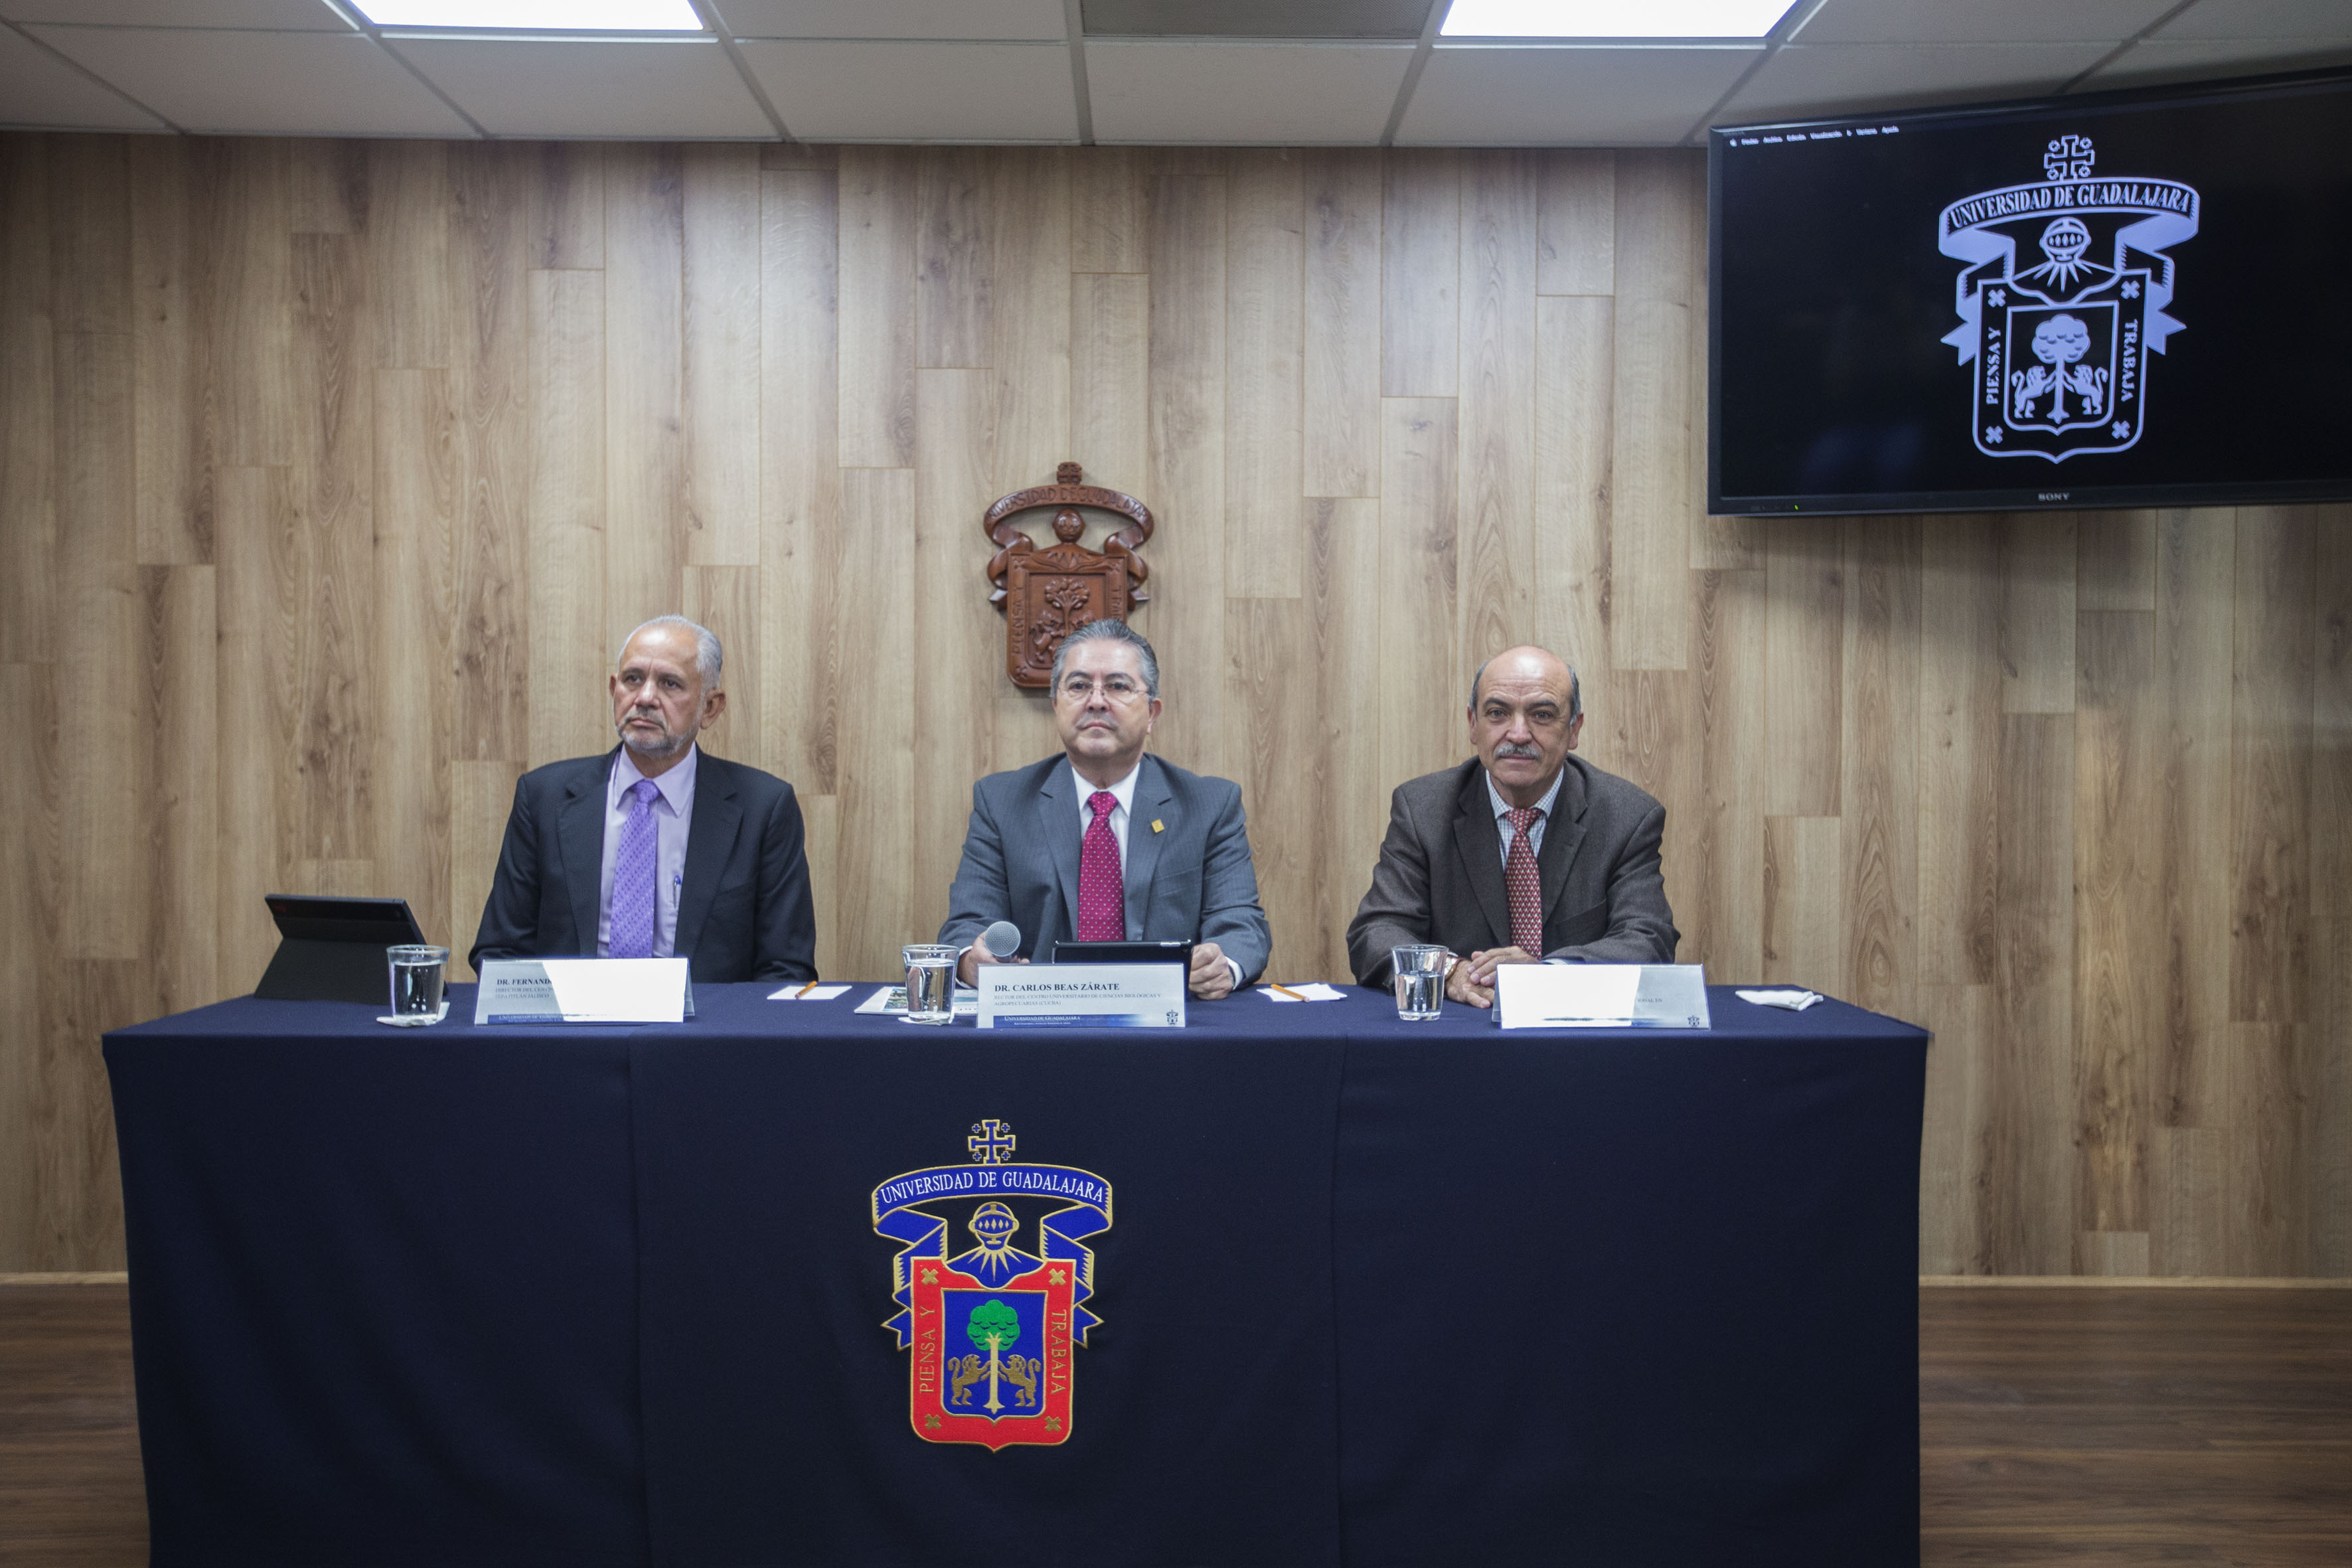 Rueda de prensa convocada por el Centro Universitario de Ciencias Biológicas y Agropecuarias, para abordar los efectos del cambio climático en México.